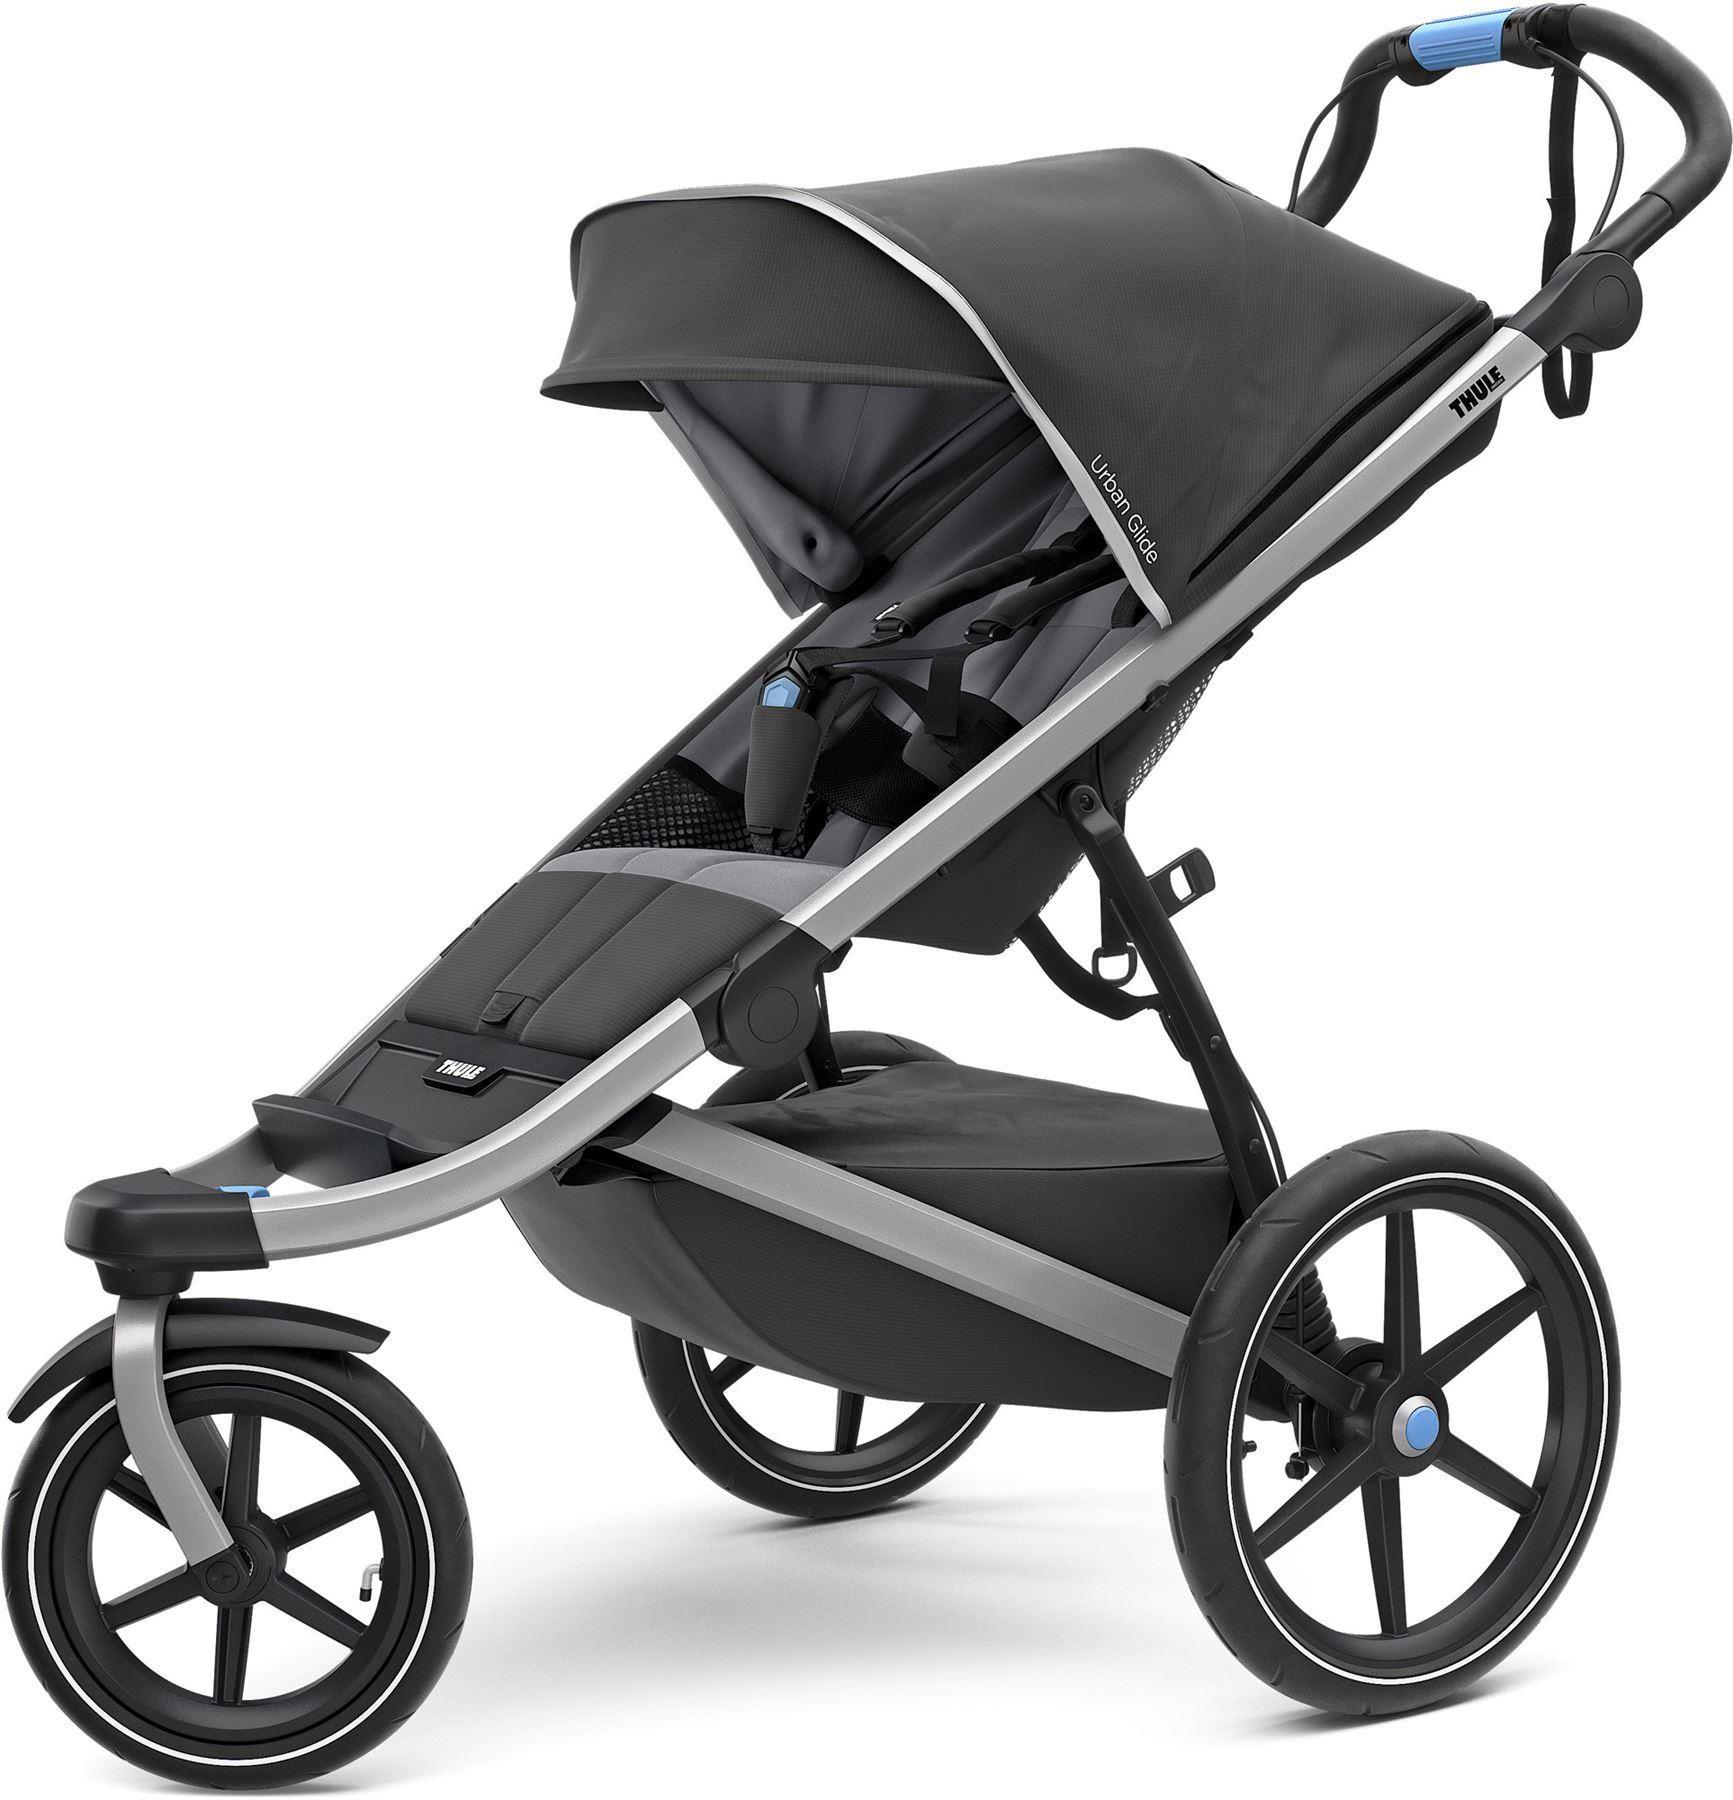 Thule Sleek Convertible Stroller In Grey Melange City